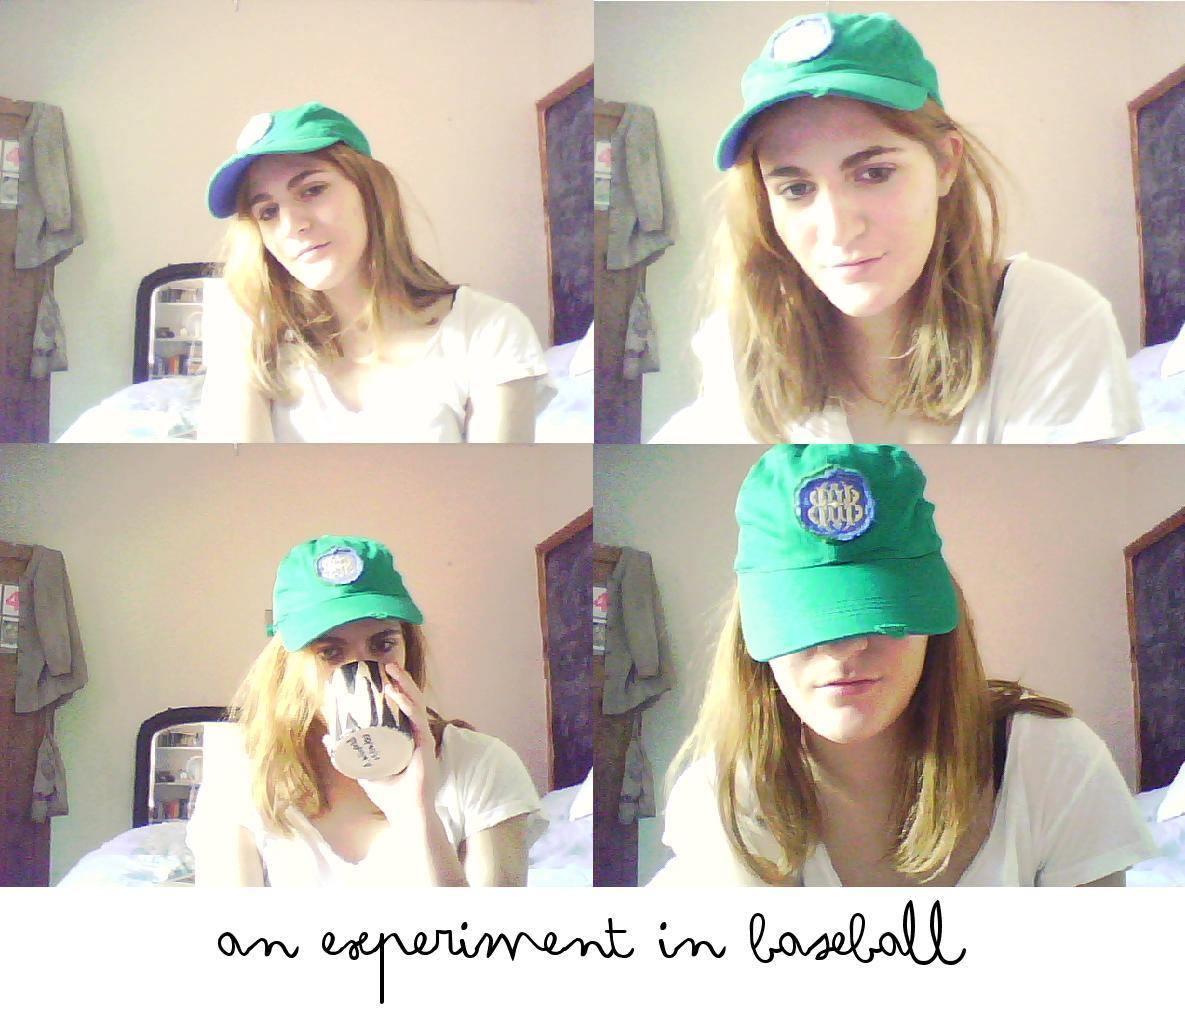 http://2.bp.blogspot.com/_PYqHLh0dSJ4/TAkz1sSsIqI/AAAAAAAAFcE/20X_hpv1p1U/s1600/baseball+cap.jpg